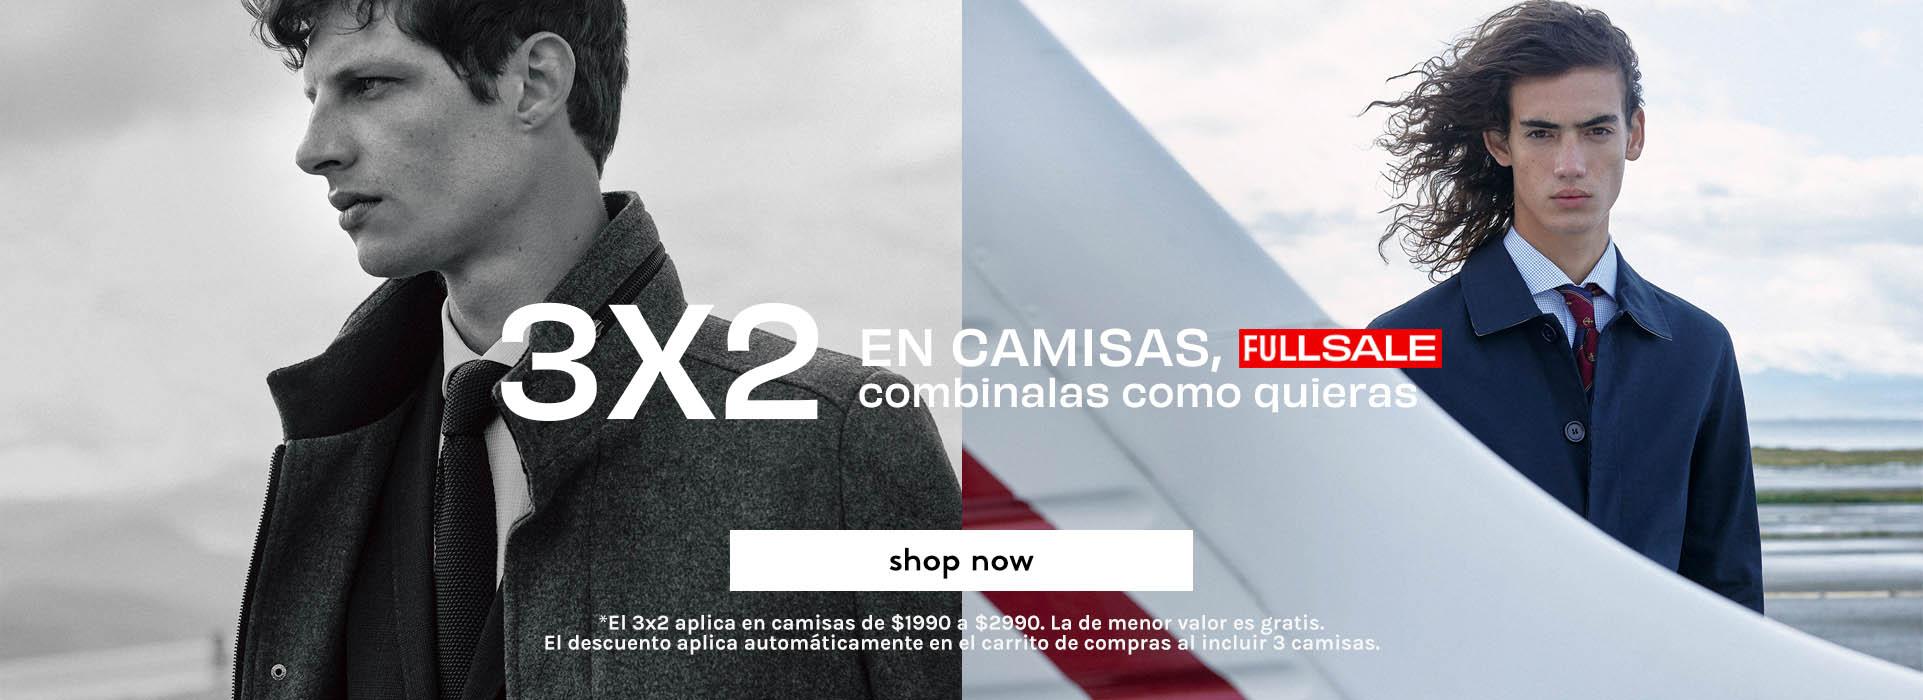 3X2 CAMISAS